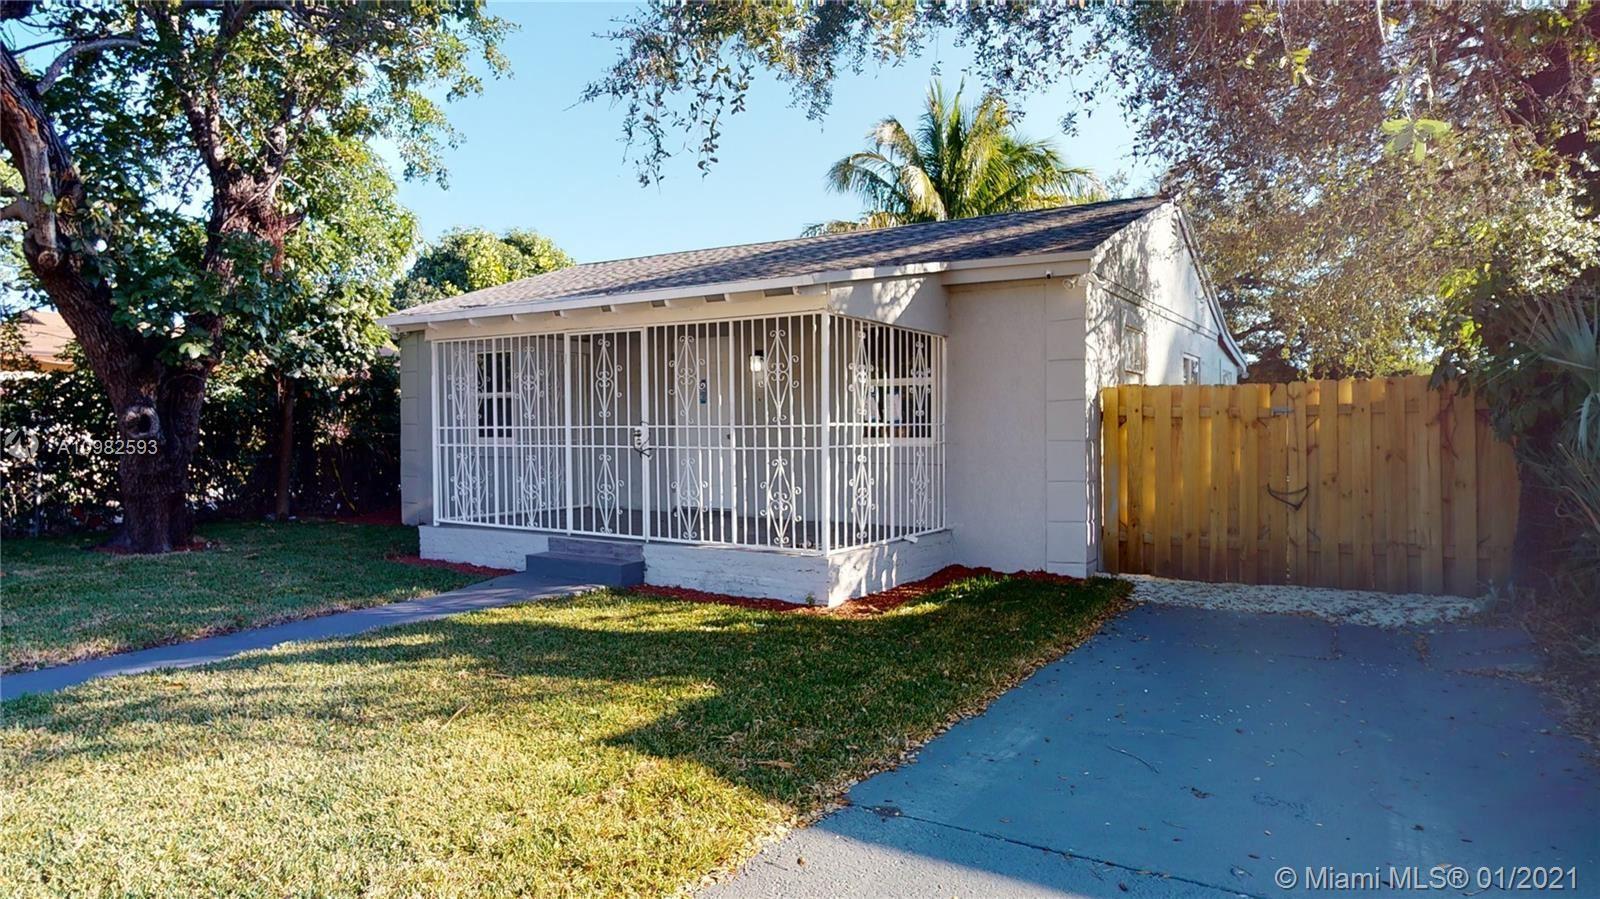 846 NW 111th St, Miami, FL 33168 - #: A10982593